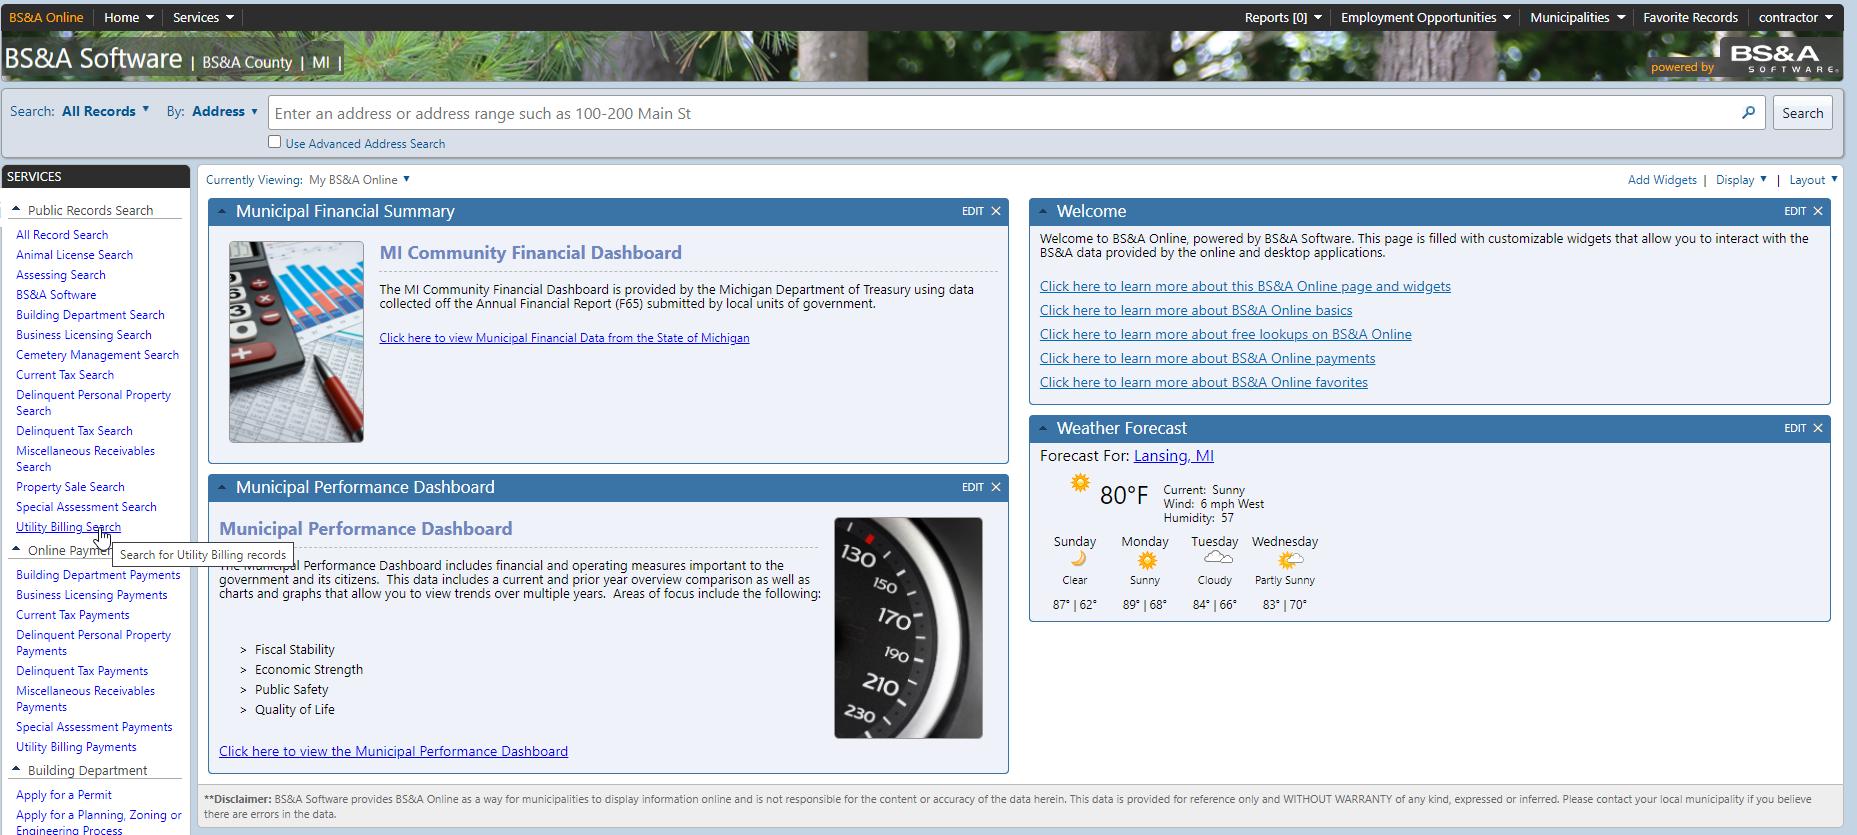 BS&A Online Services screenshot